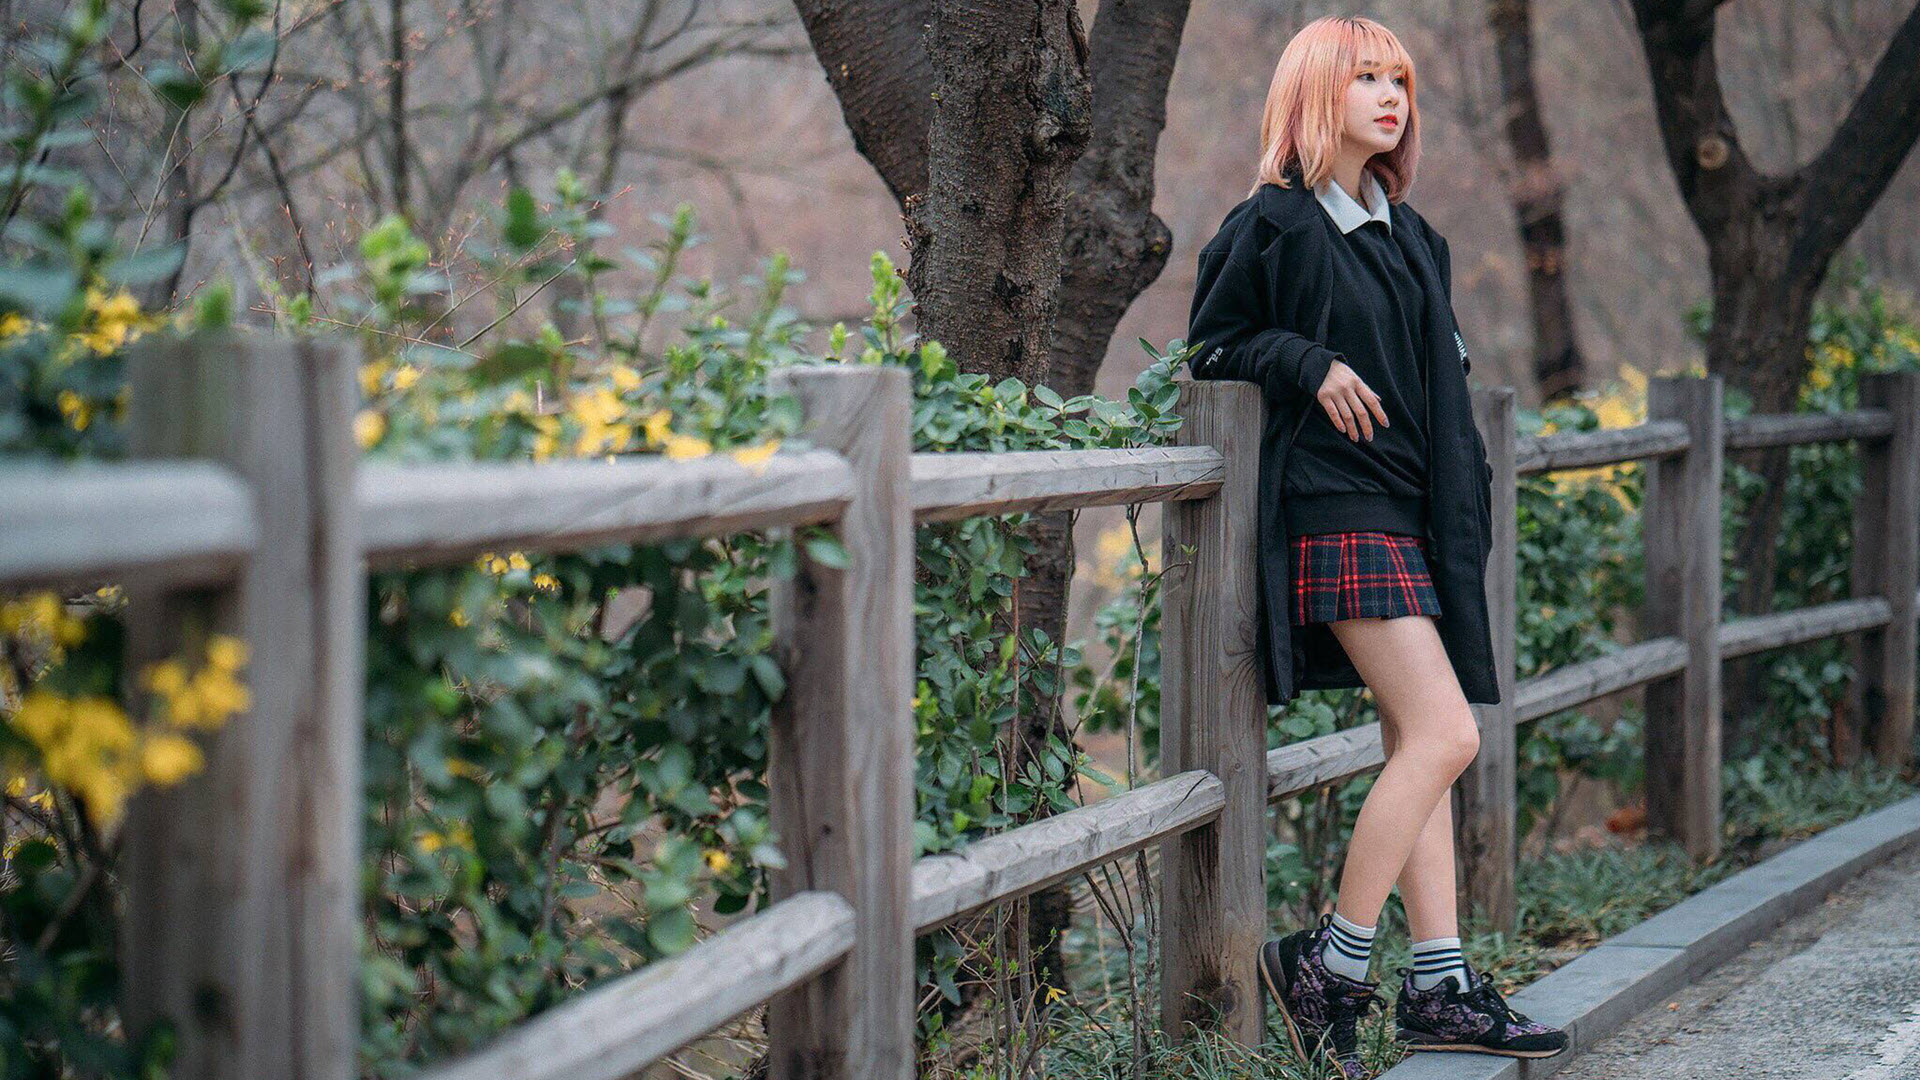 Hình nền nữ sinh hotgirl châu á